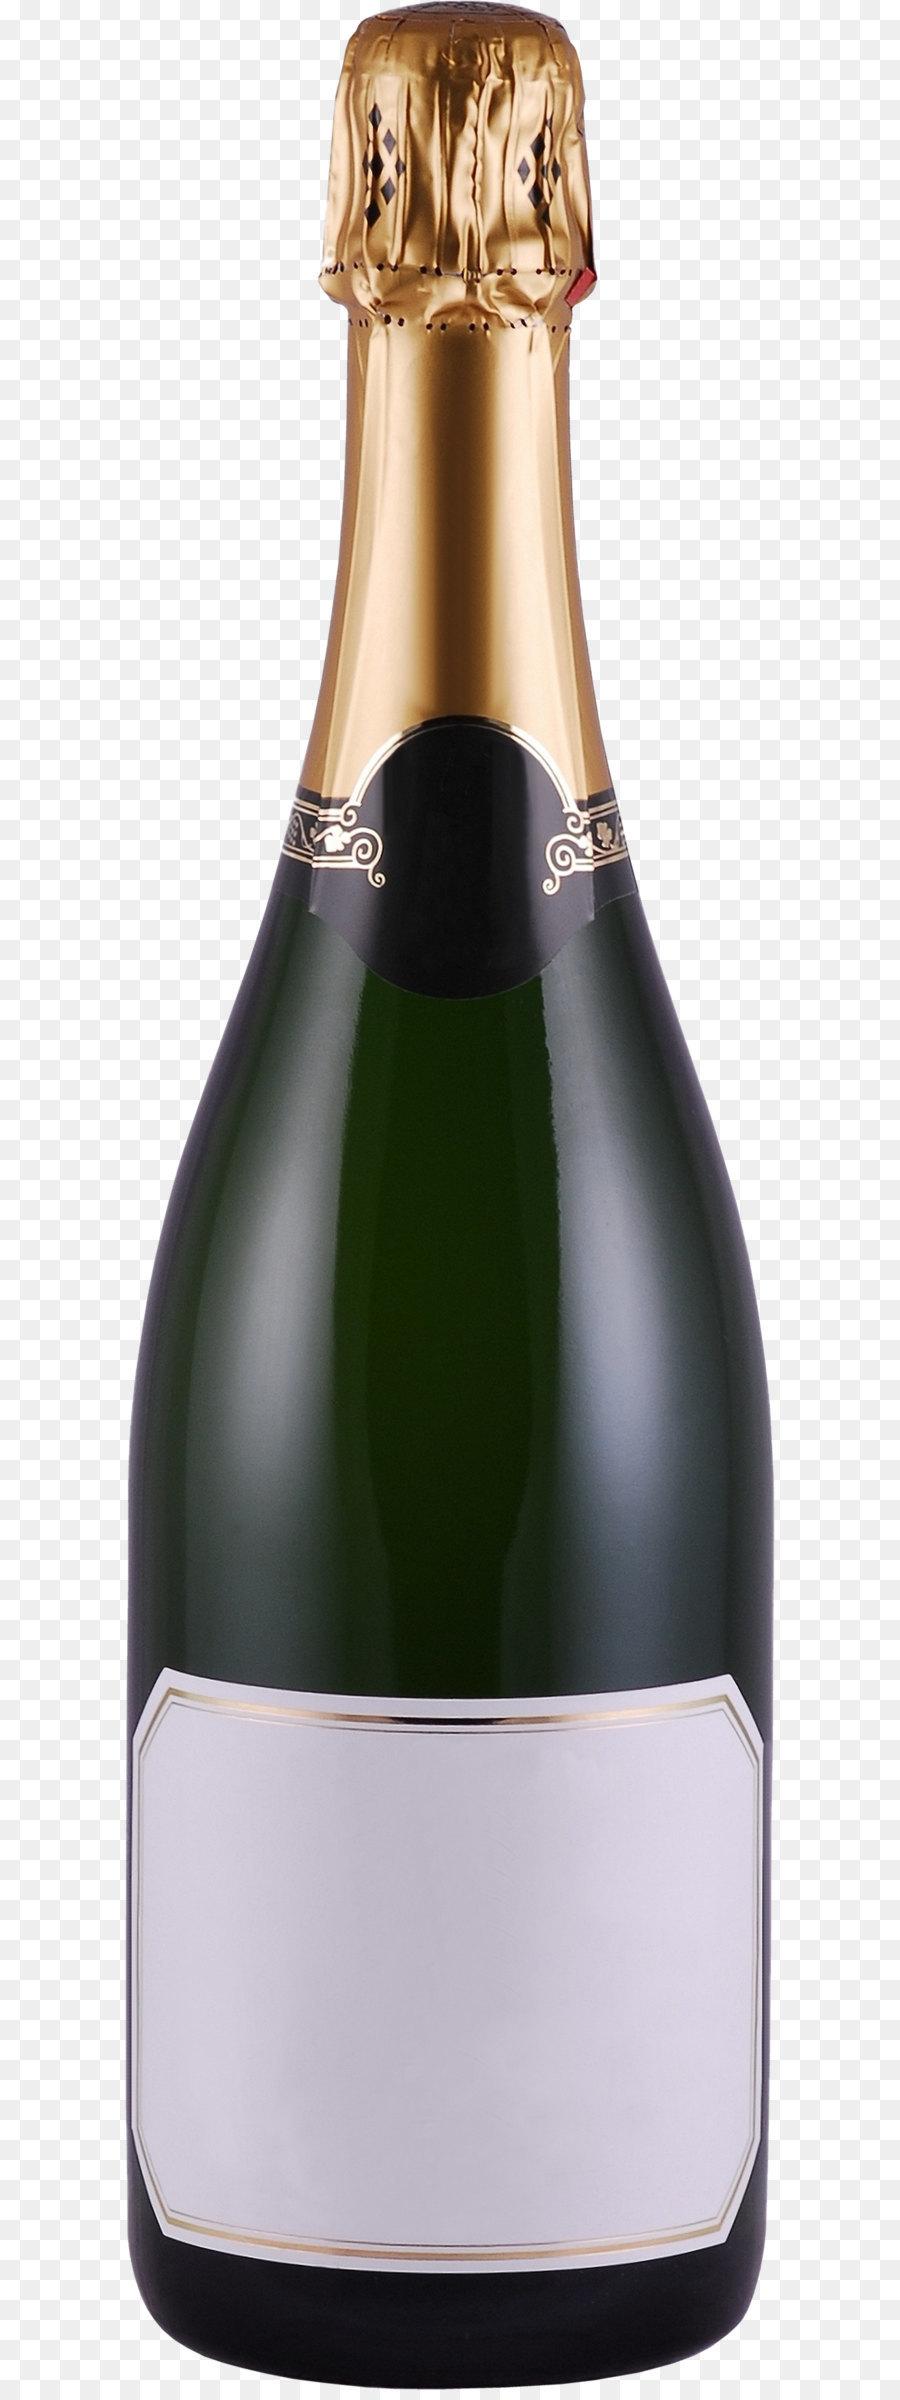 Descarga gratuita de Botella, Botellas De Vidrio, Descargar imágenes PNG